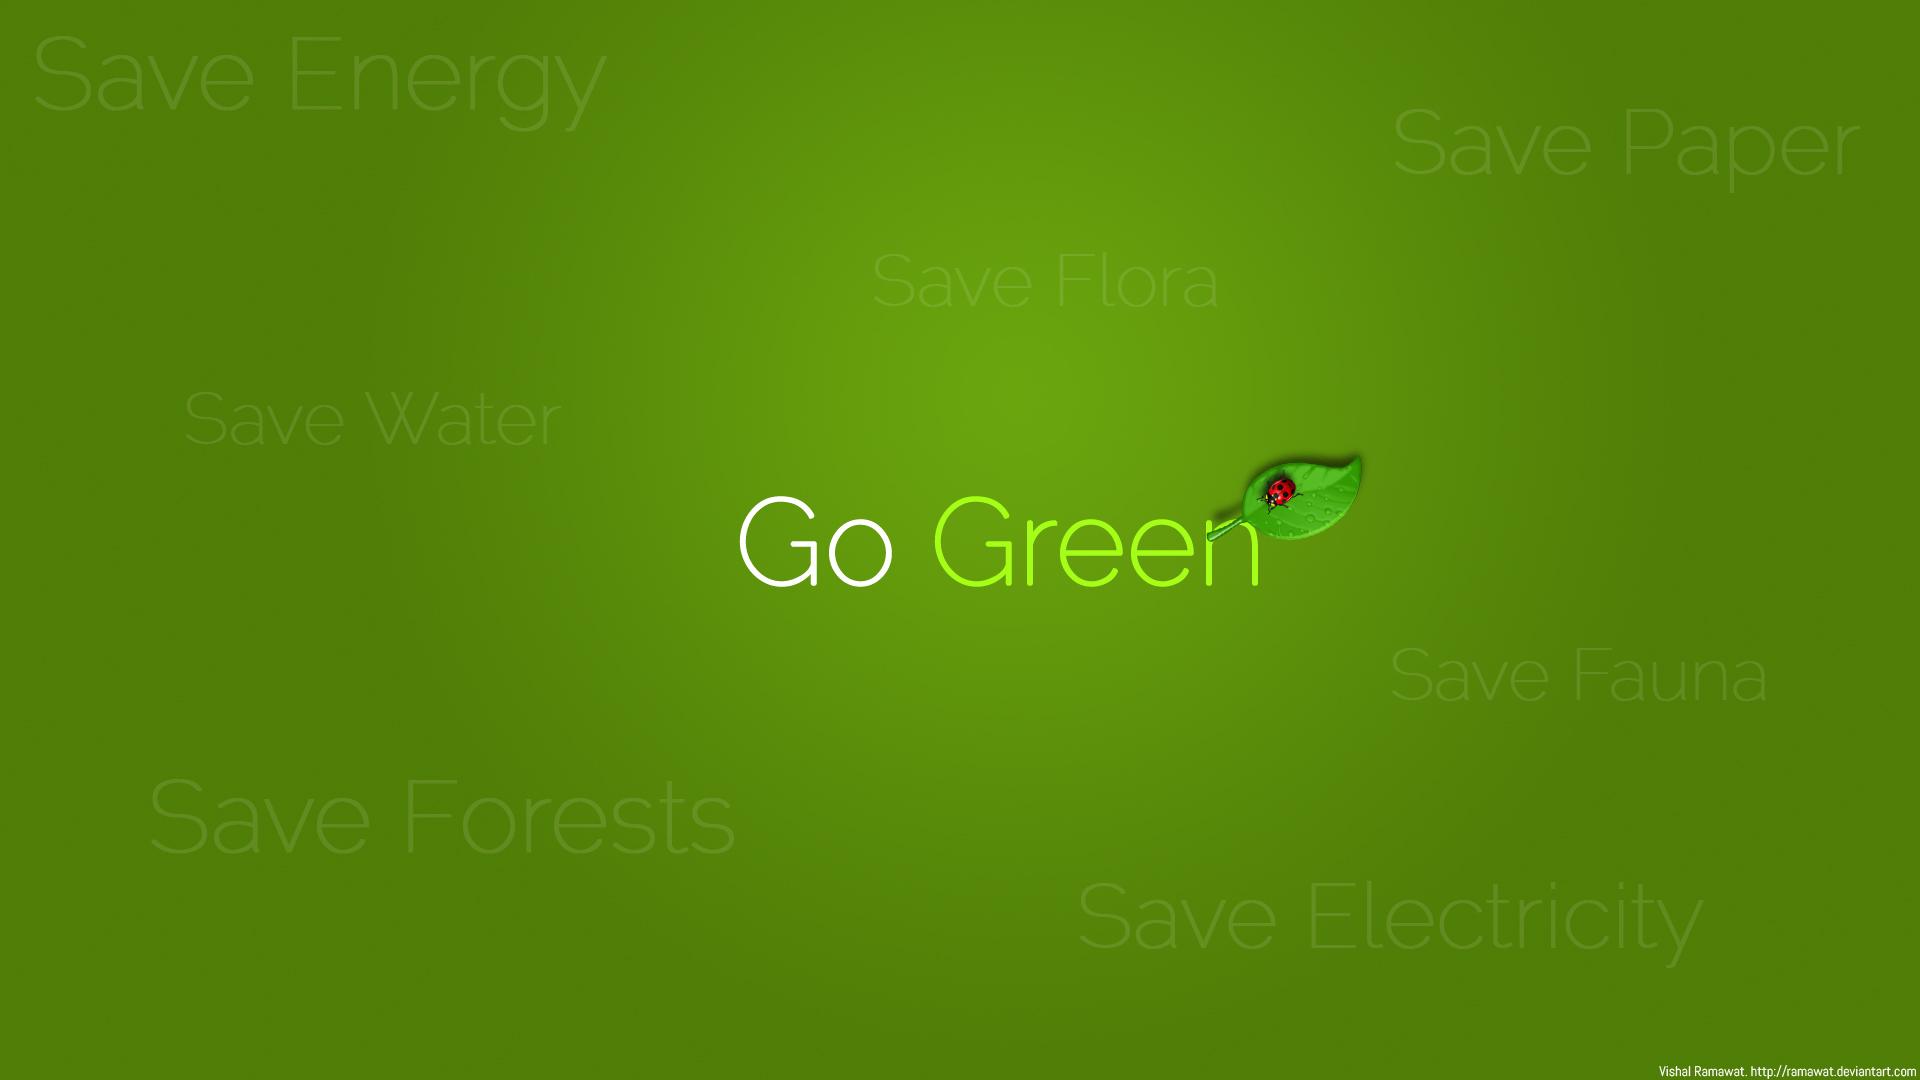 Go-Green adalah suatu gerakan yang bertujuan melestarikan dan menciptakan suasana lingkungan ...